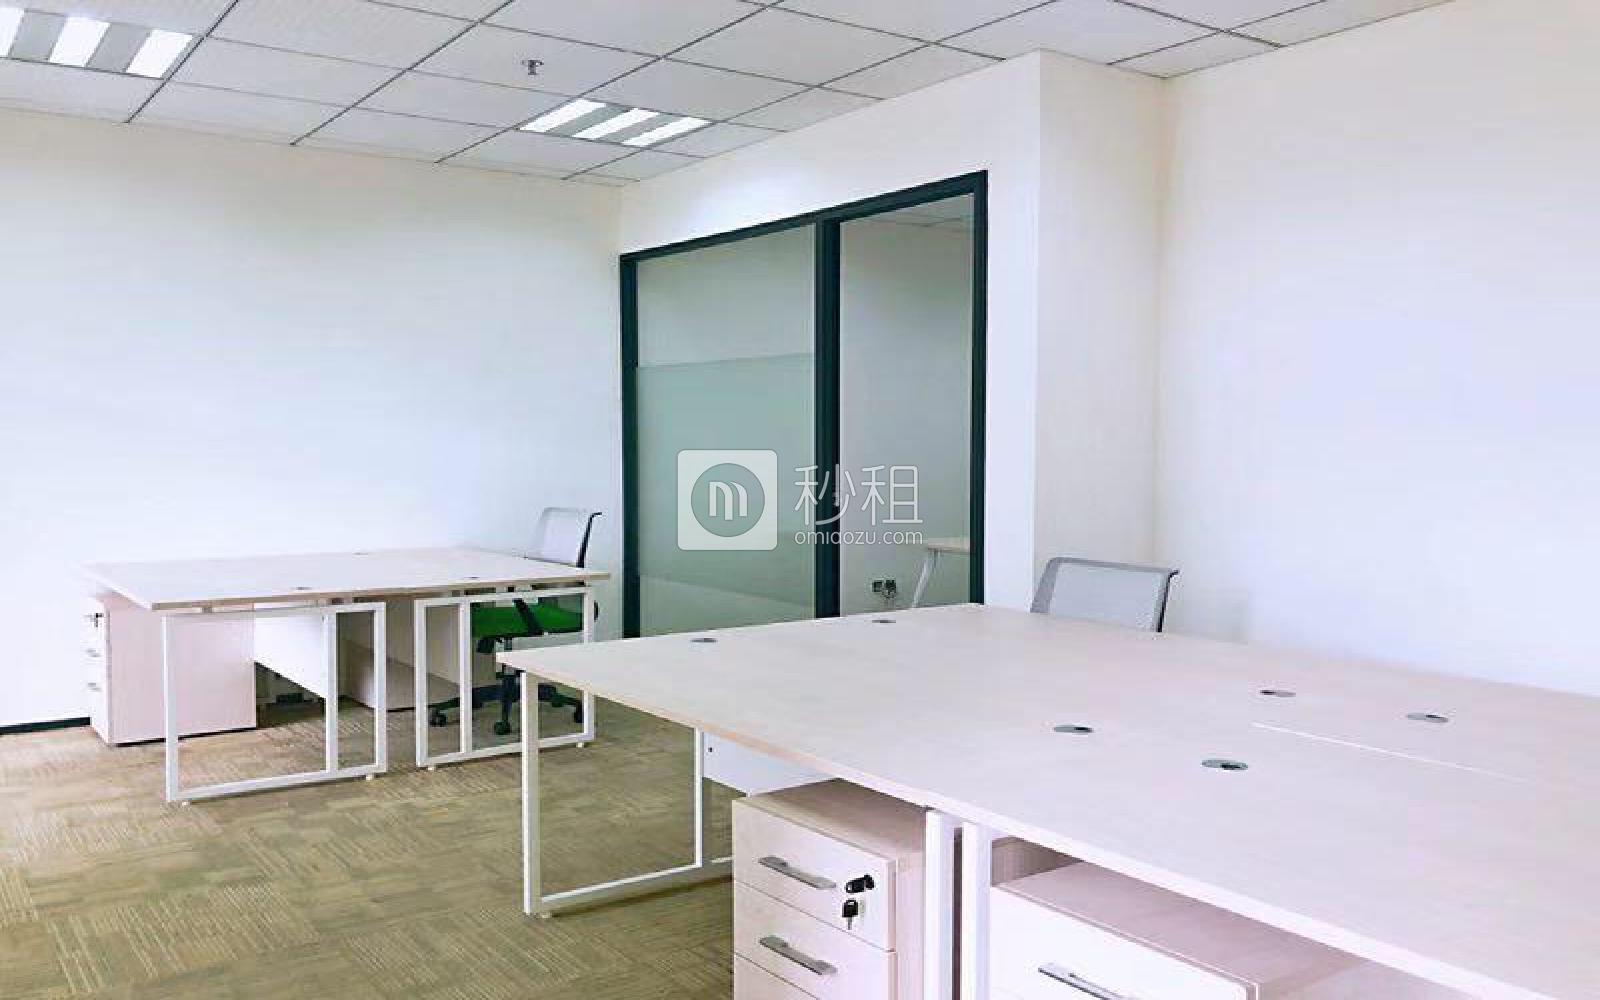 南山-蛇口 英瑞商务中心-海滨商业中心 150m²